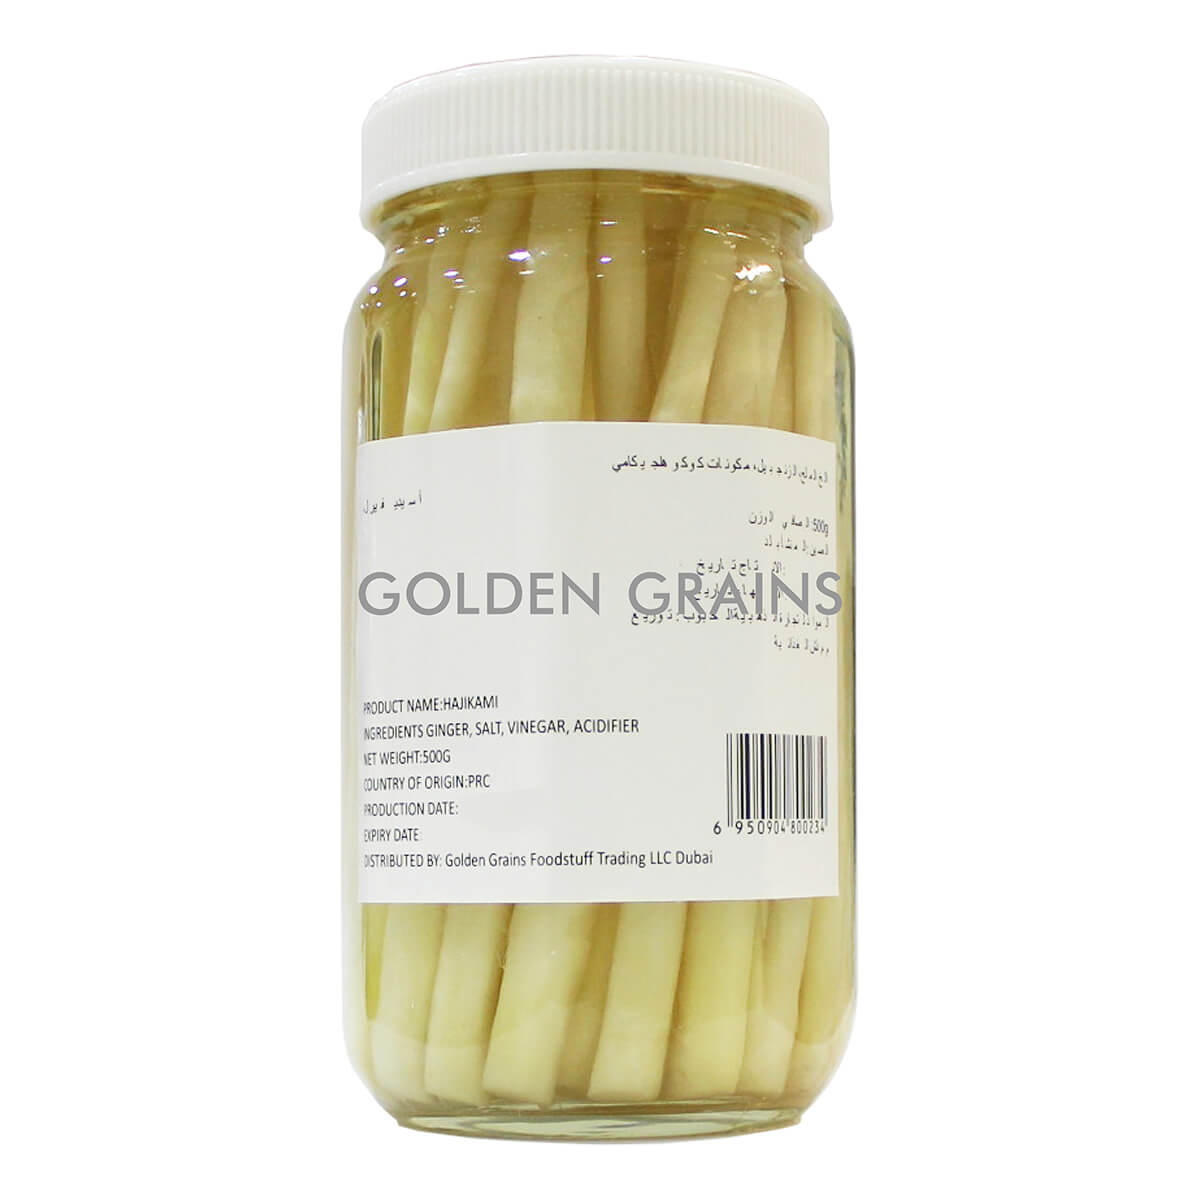 Golden Grains GGFT - Hajikami - Front.jpg